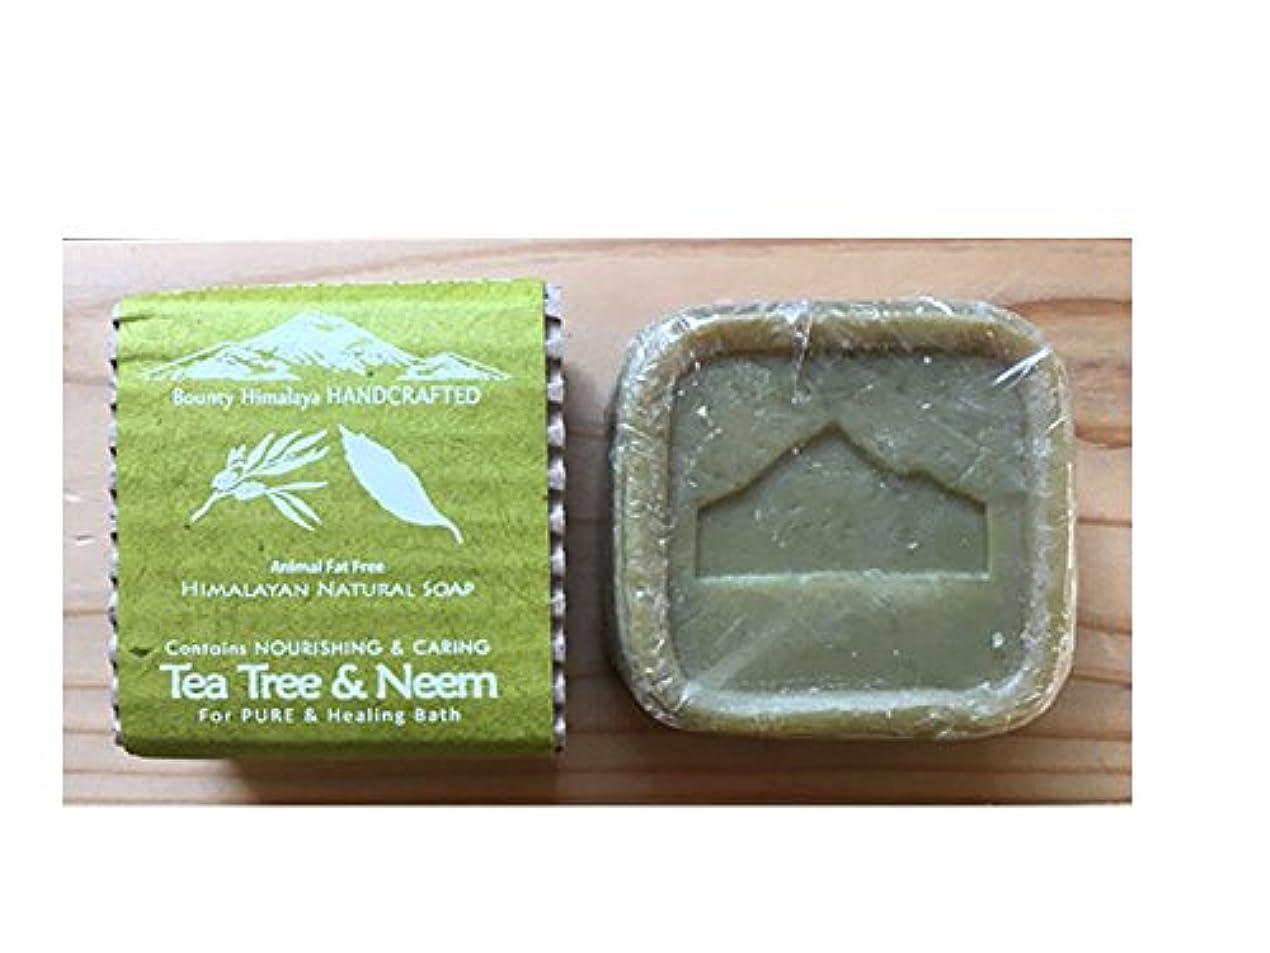 第二にコック悲観主義者アーユルヴェーダ ヒマラヤ ティーツリー?ニーム ソープ Bounty Himalaya Tea Tree & Neem SOAP(NEPAL AYURVEDA) 100g